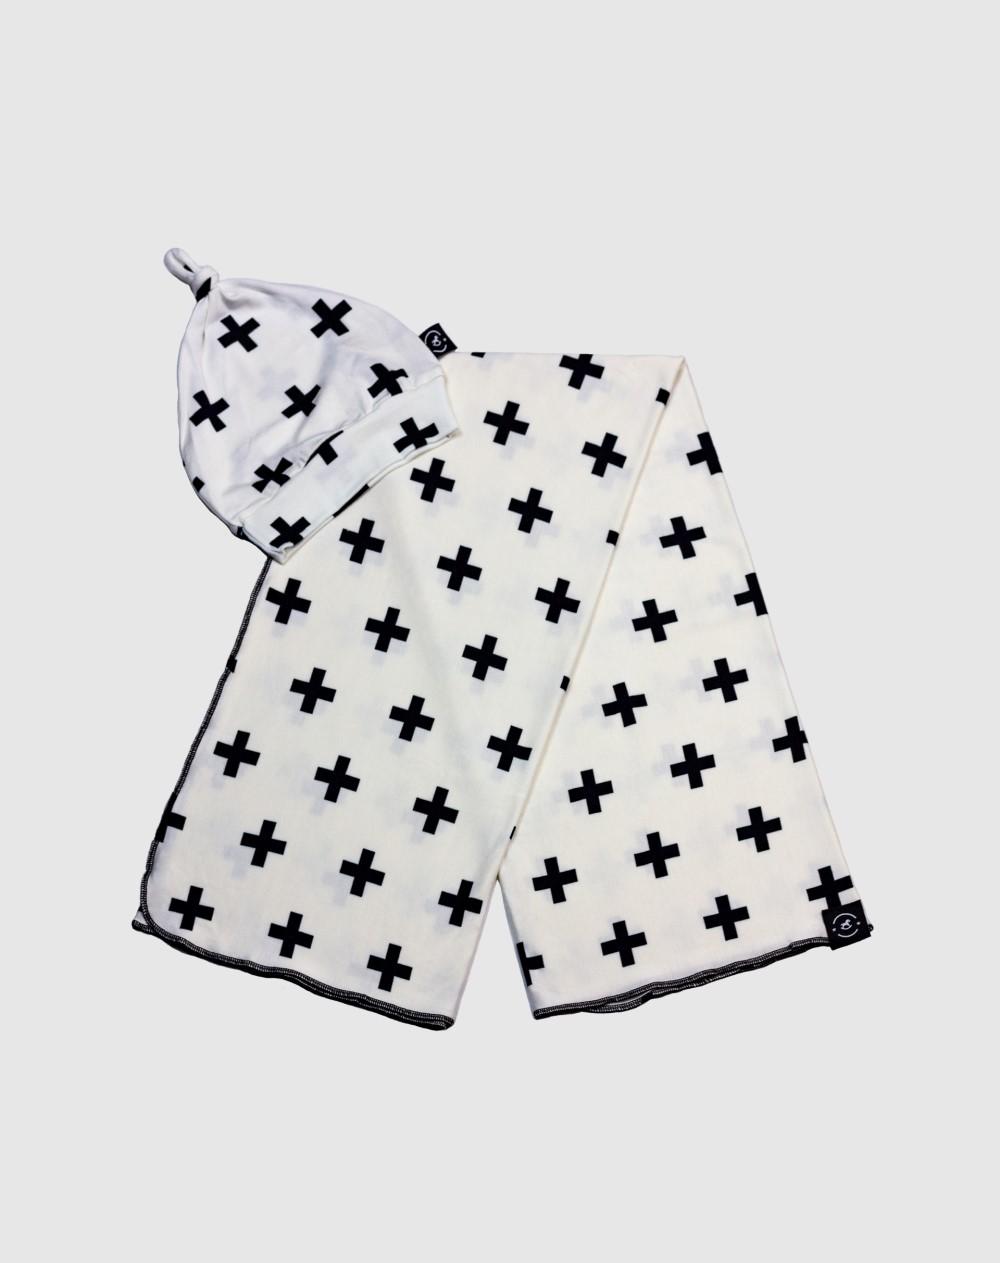 Penka Baby Essentials Olaf - Kit Enxoval para Bebê Cueiro + Gorrinho